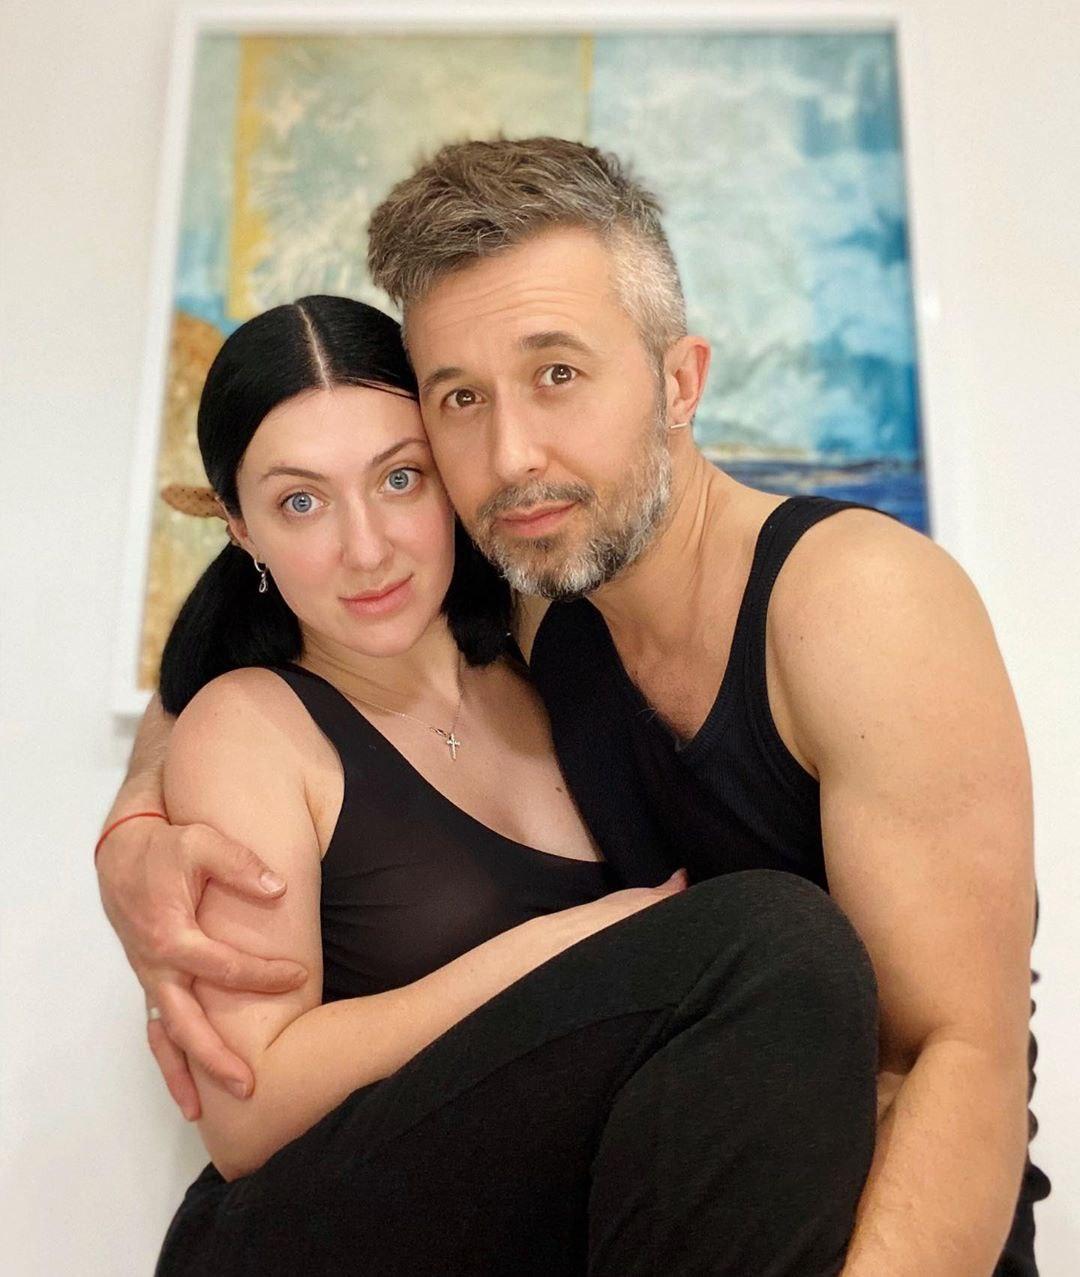 Сергей и Снежана Бабкины фото 2020